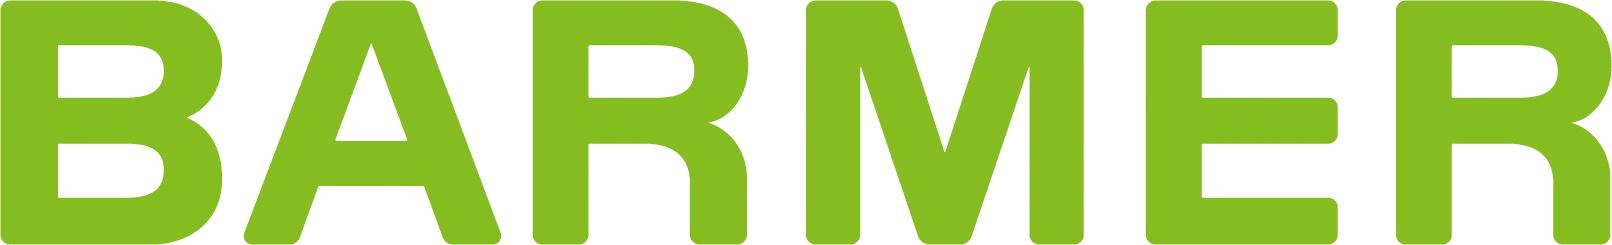 BARMER-Logo